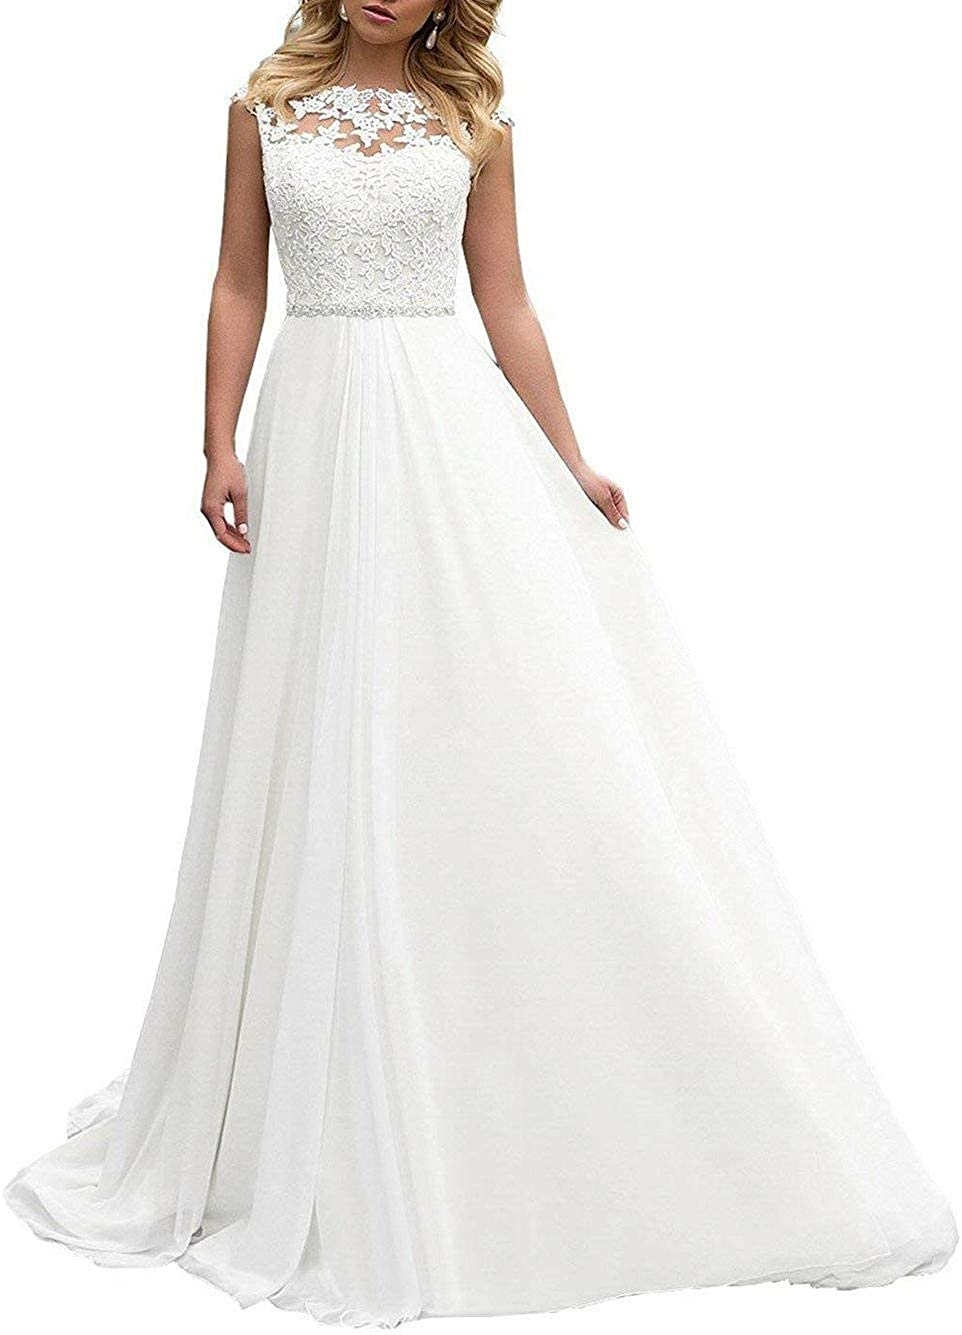 Brautkleid Lang Hochzeitskleider Damen Brautmode Spitze Chiffon A Linie  Rückenfrei